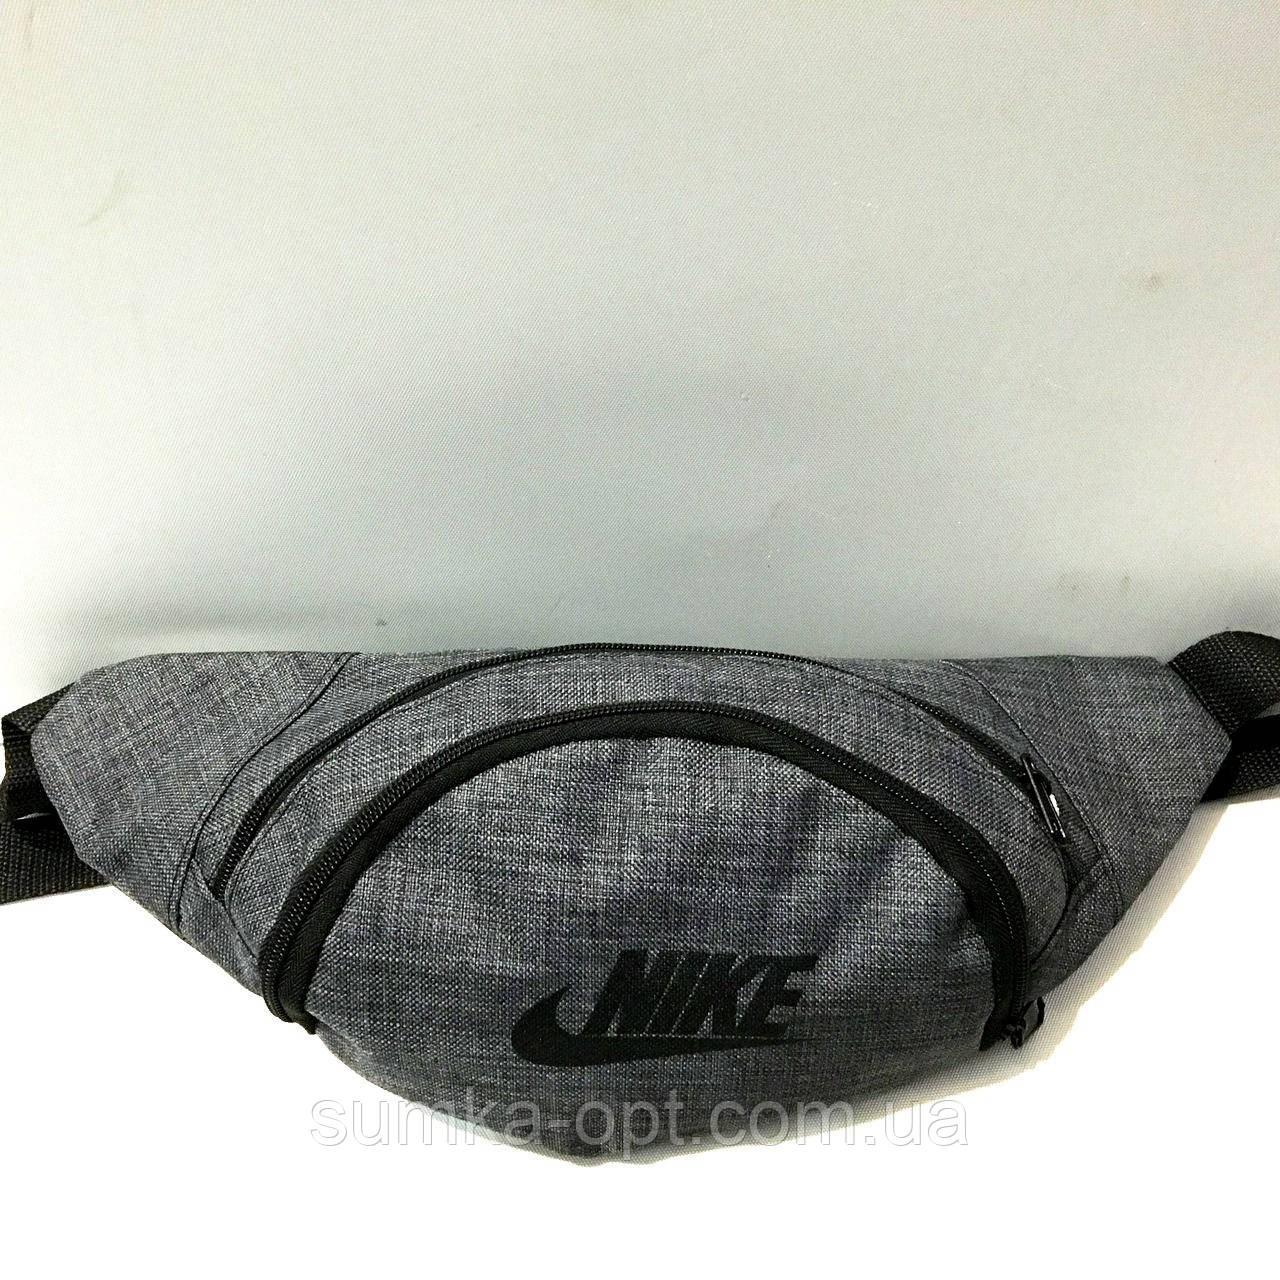 Спортивная сумка на пояс текстиль Nike БОЛЬШАЯ (серый+черный)14*36см